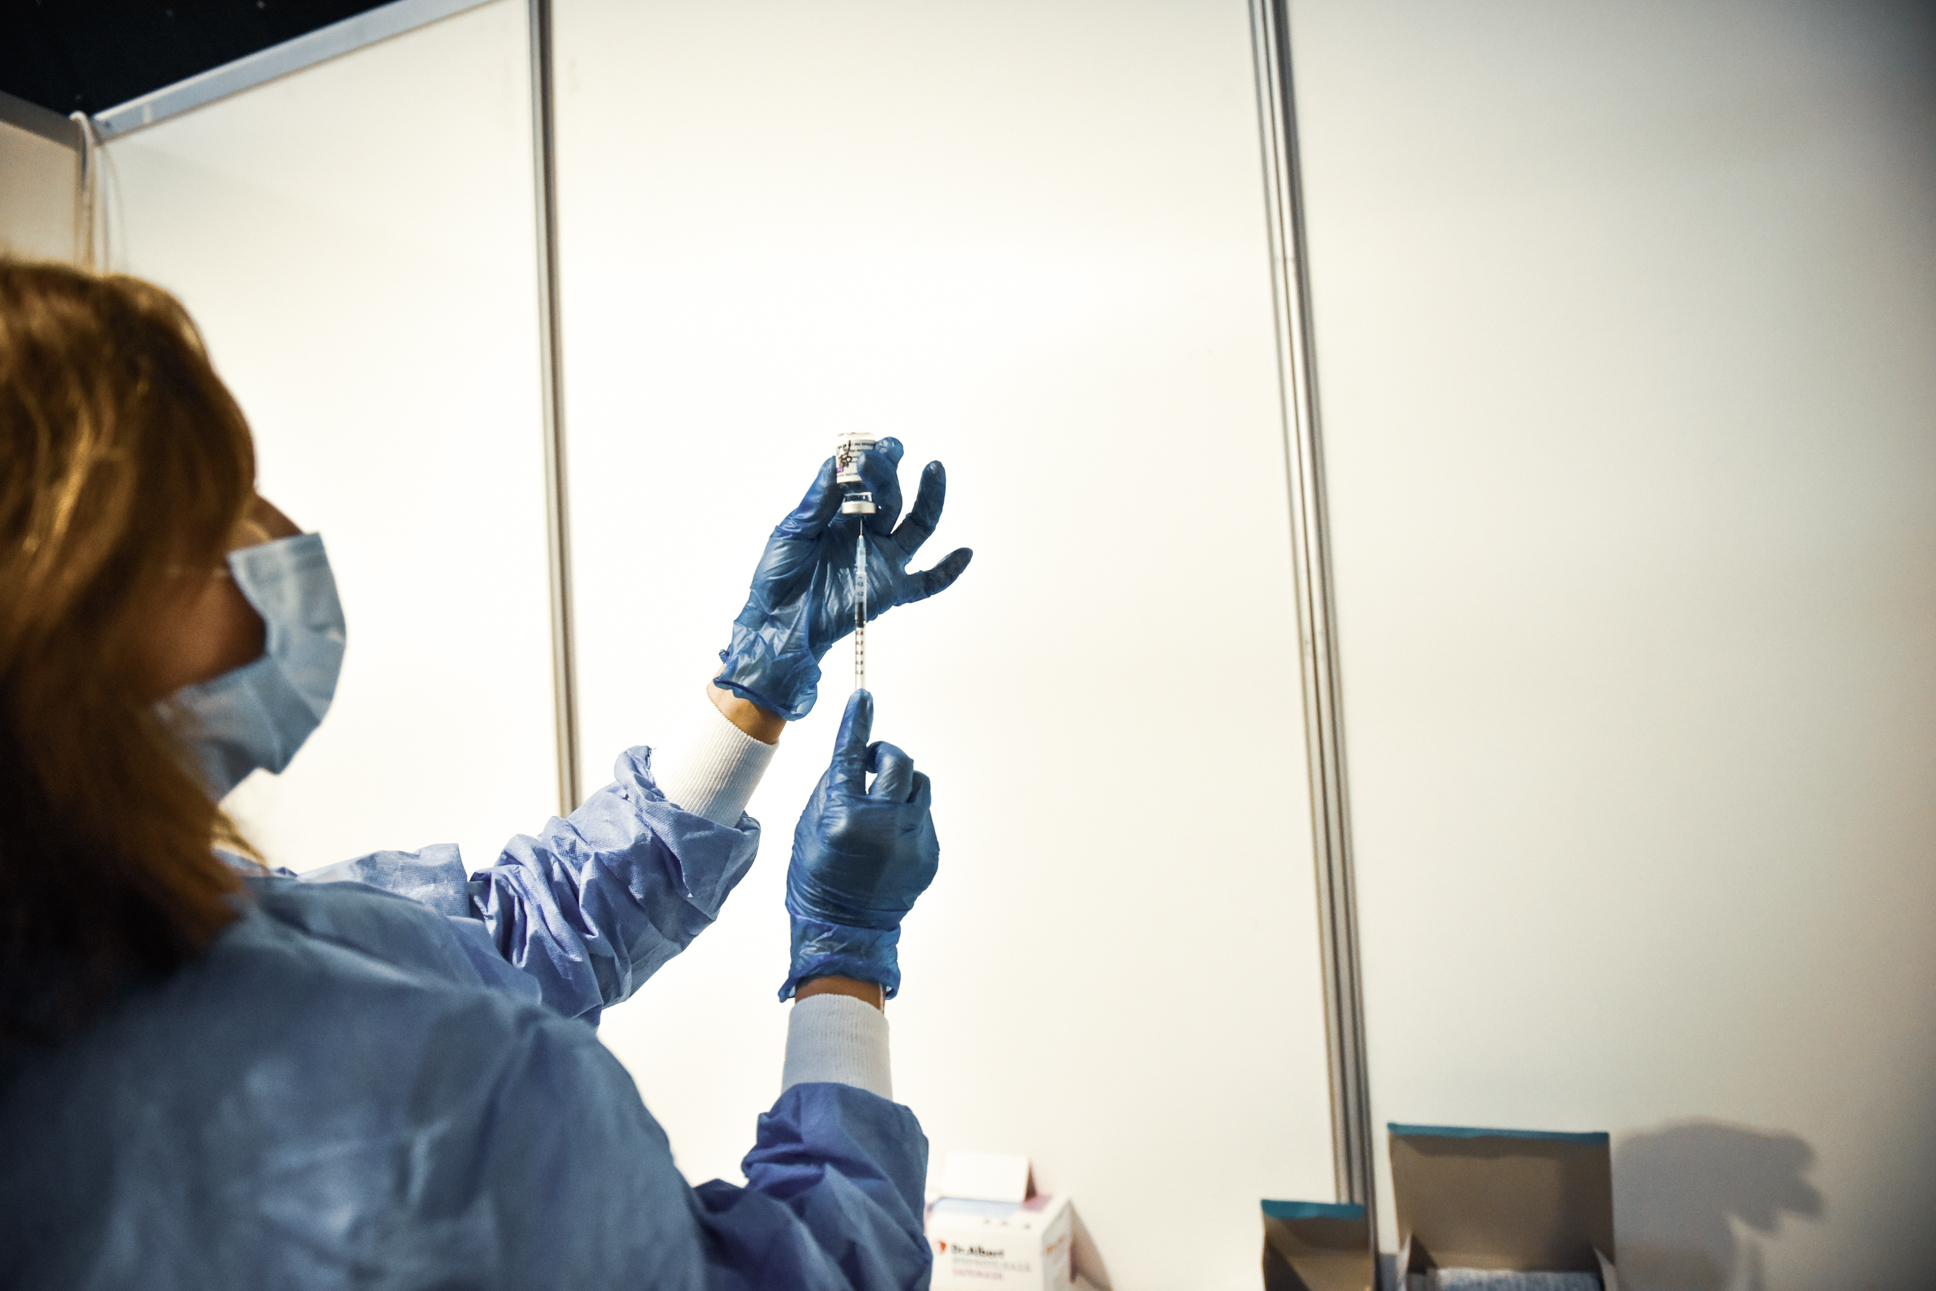 Peste 1.600 de persoane au fost vaccinate în ultimele 24 de ore